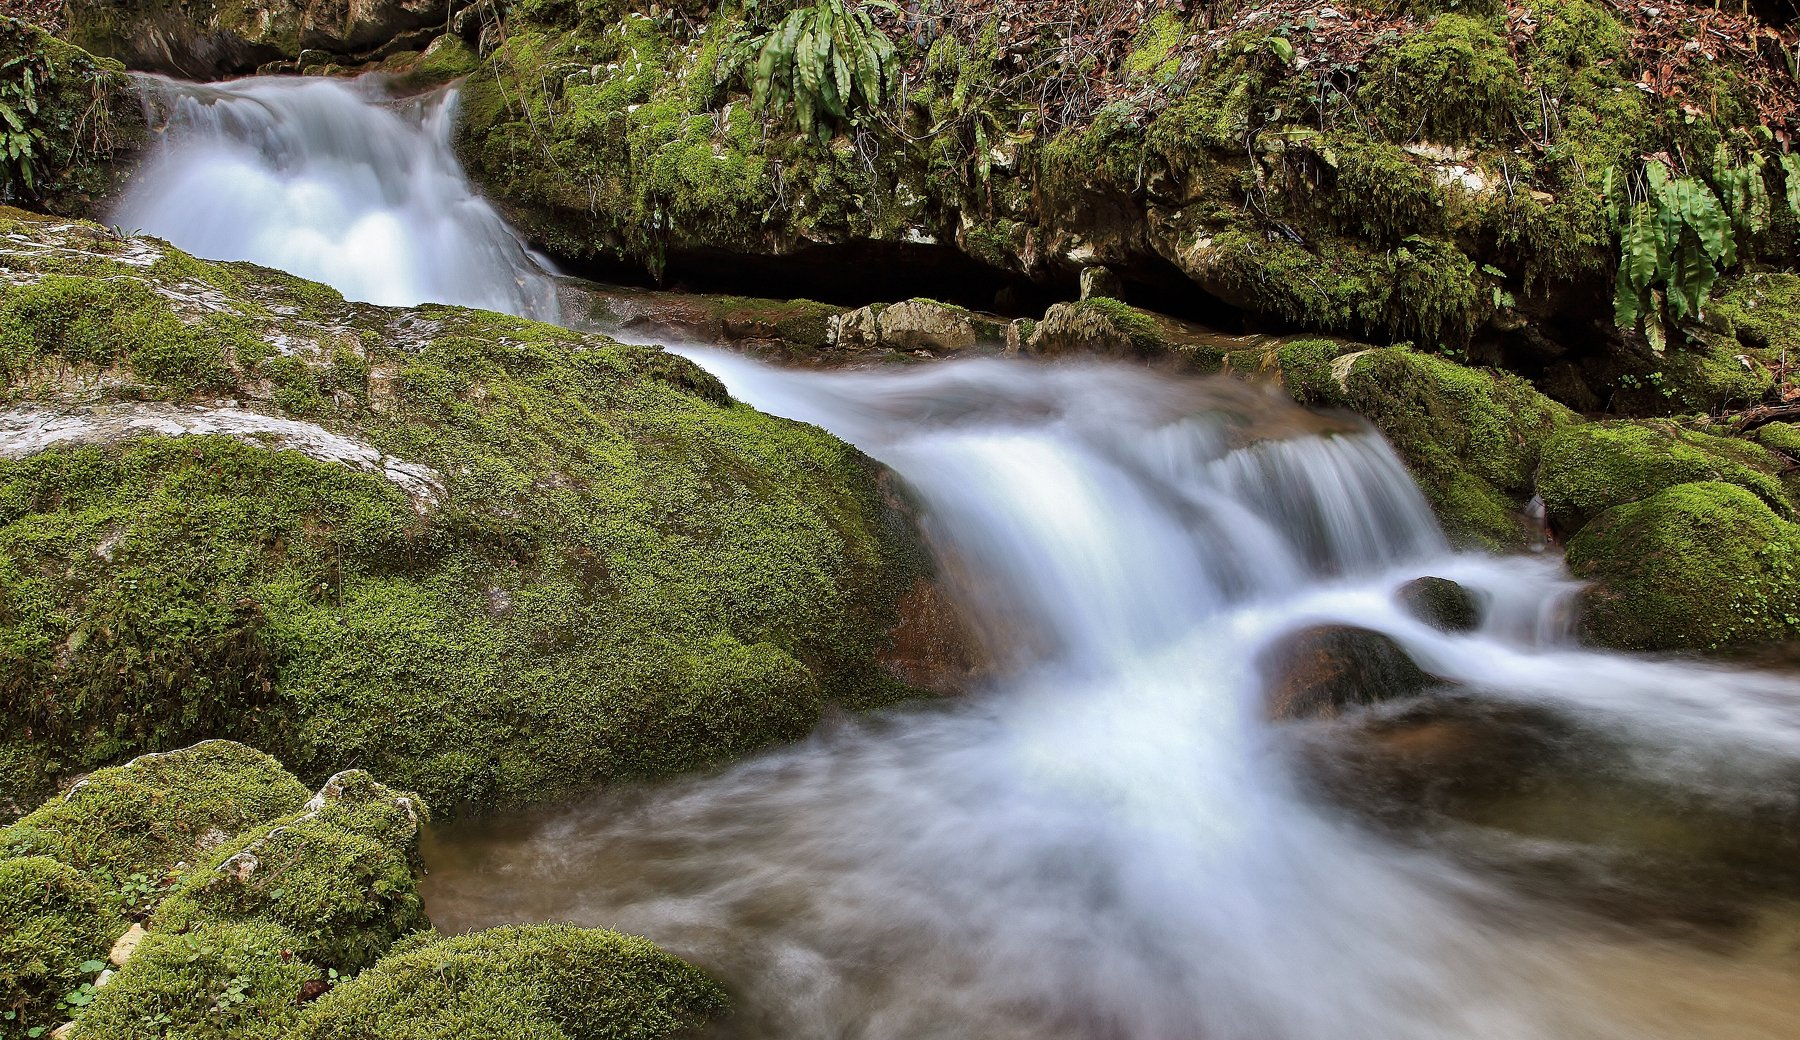 acqua,verde,foglie,movimento,, paologr63